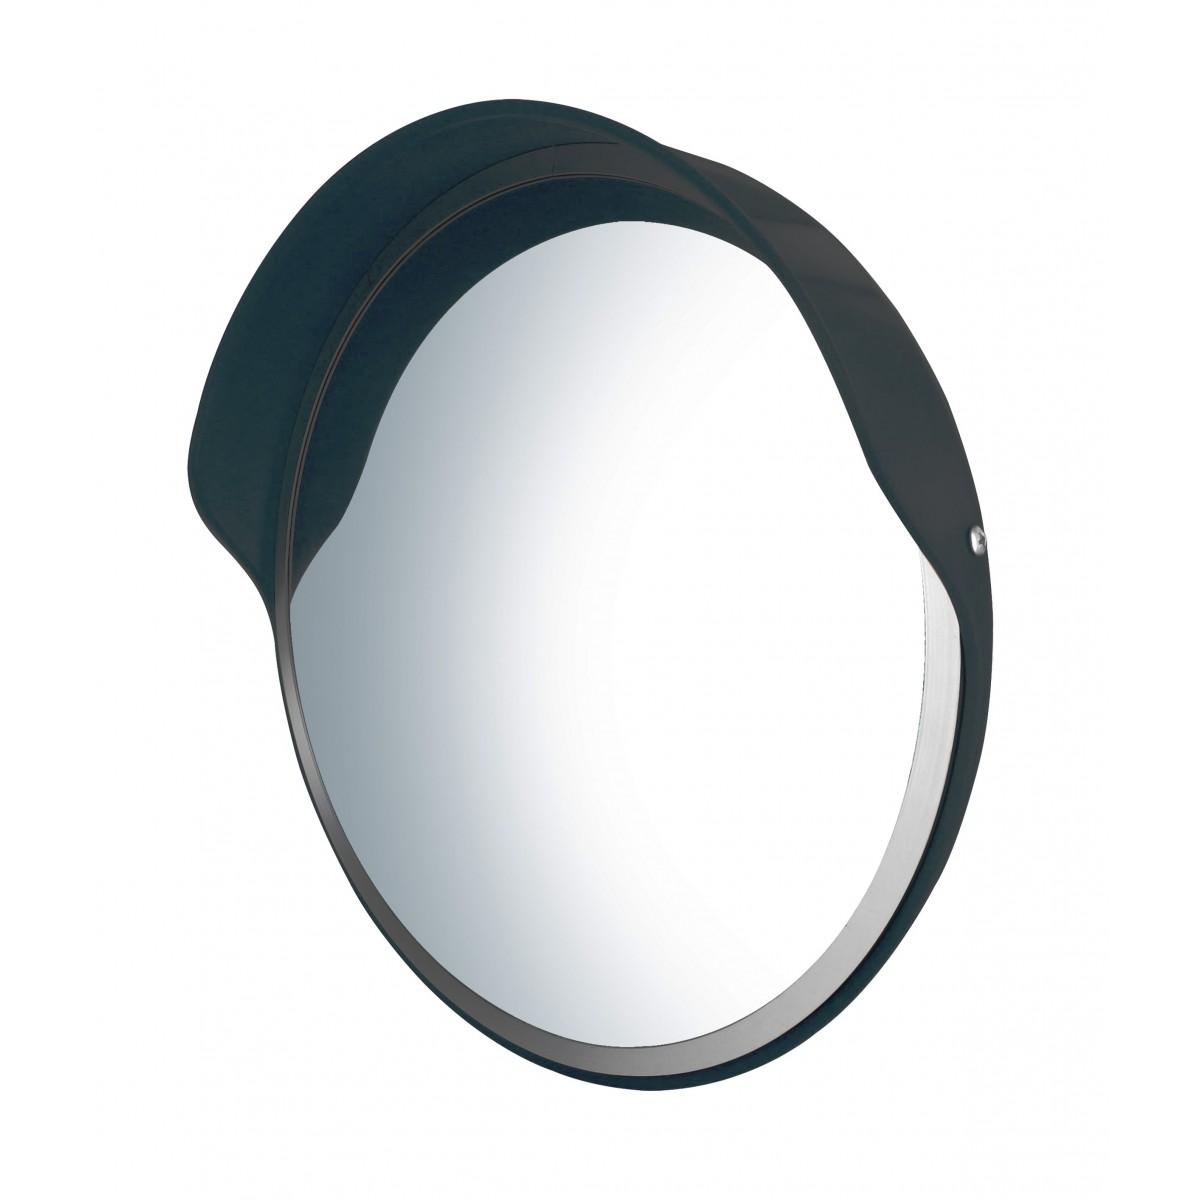 Miroir convexe multi usages 45cm avec casquette